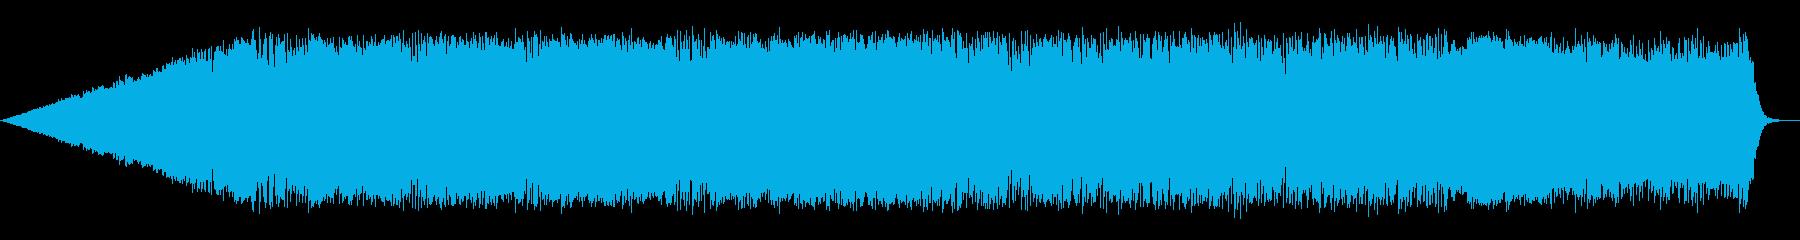 ニューエイジとU2の間。の再生済みの波形